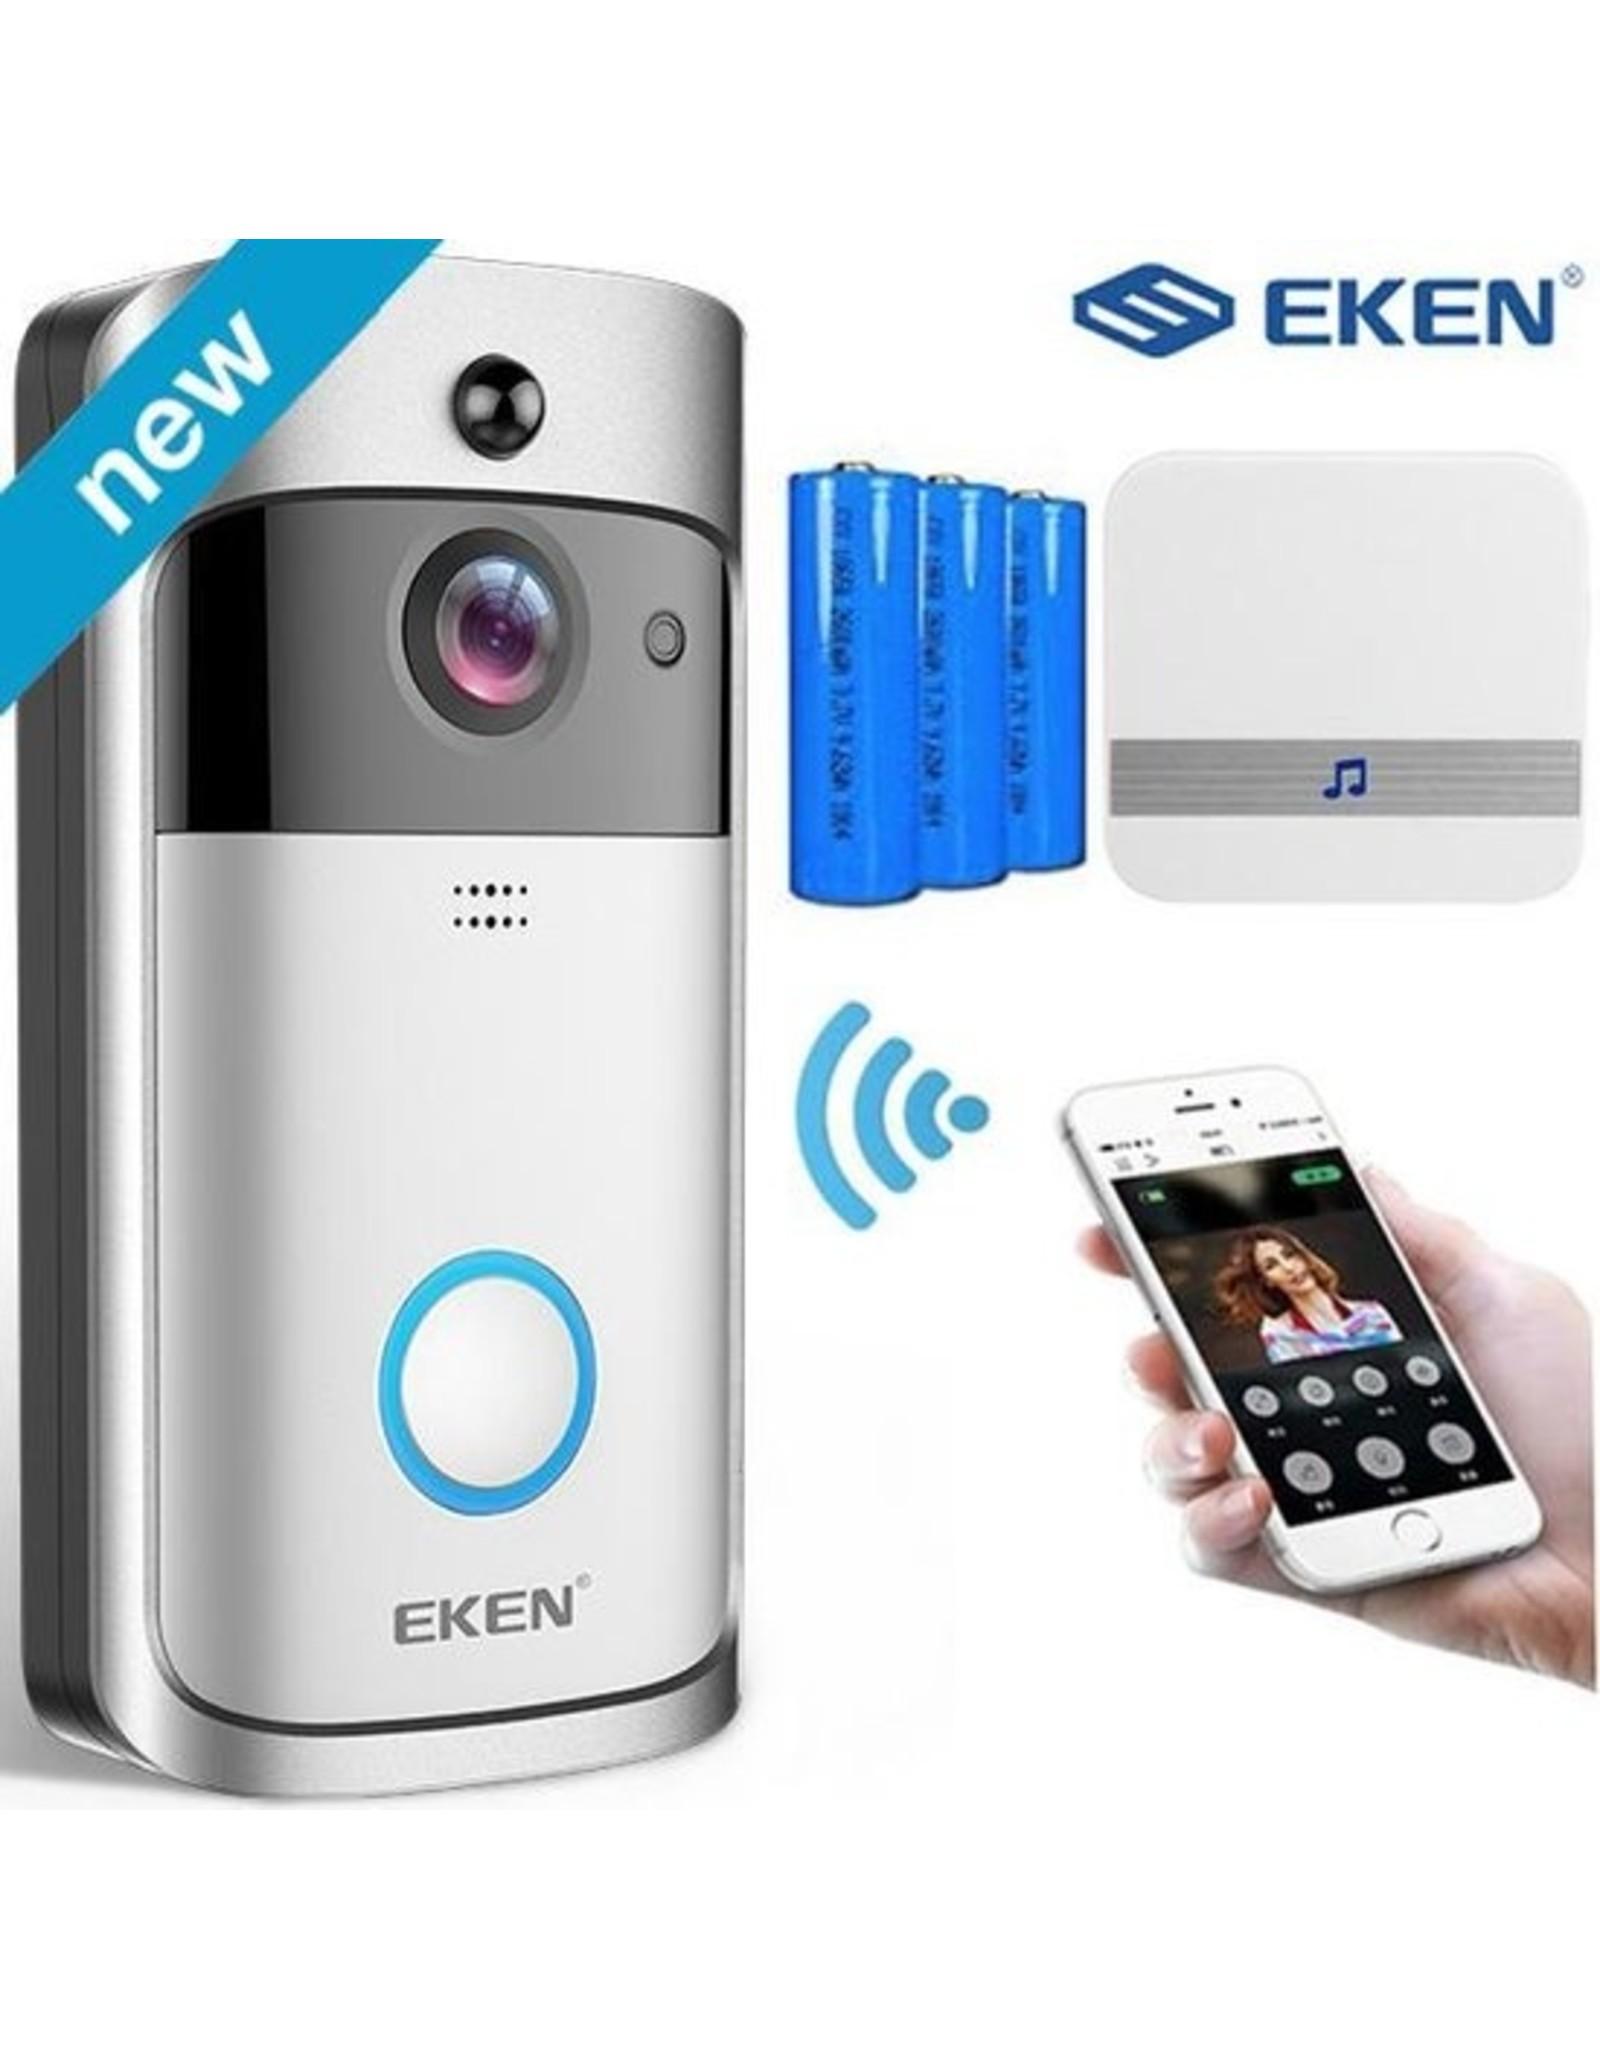 Eken - Deurbel V5 - Draadloze deurbel met camera